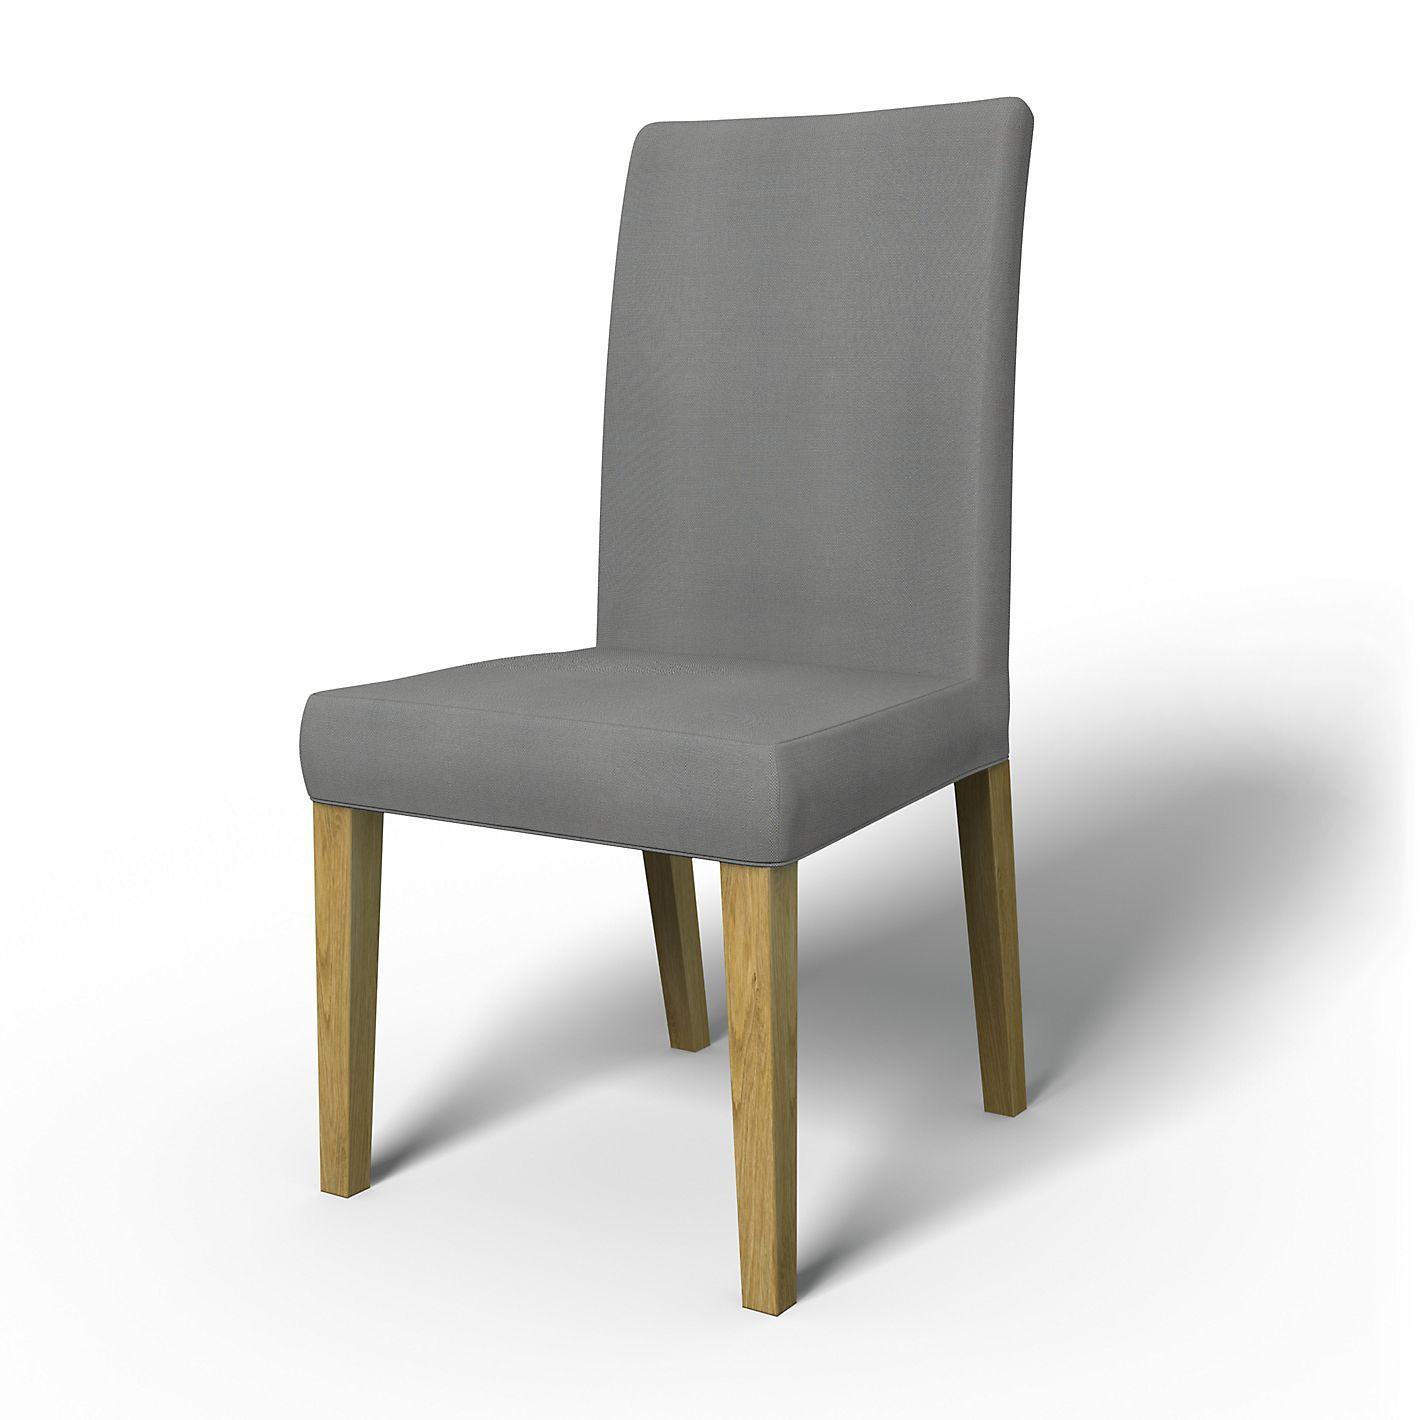 De Chair Chaise Cover HenriksdalHousse CourteDeco Henriksdal trdshQ